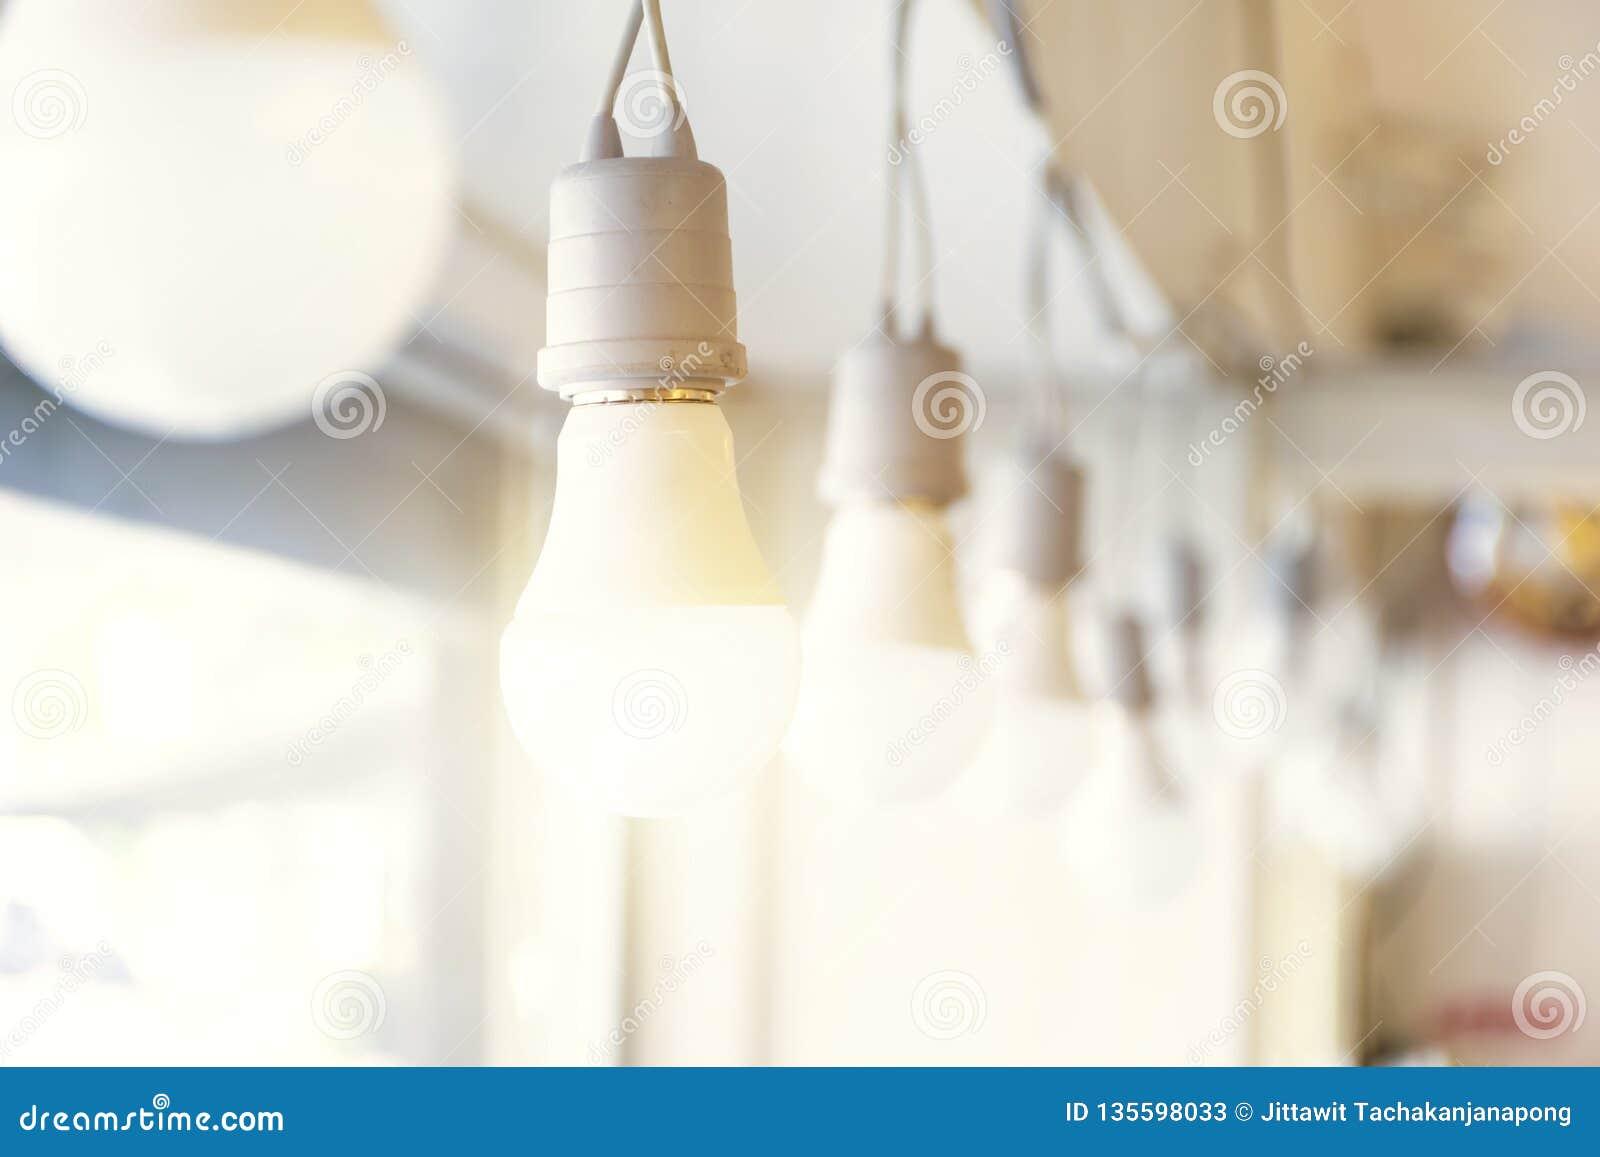 4df6bdbd49 Concepto de la energía La iluminación es qué hombre quiere La bombilla es  qué nos da ligeros Reflejado con el sol hasta el fenómeno del resplandor  Instalado ...